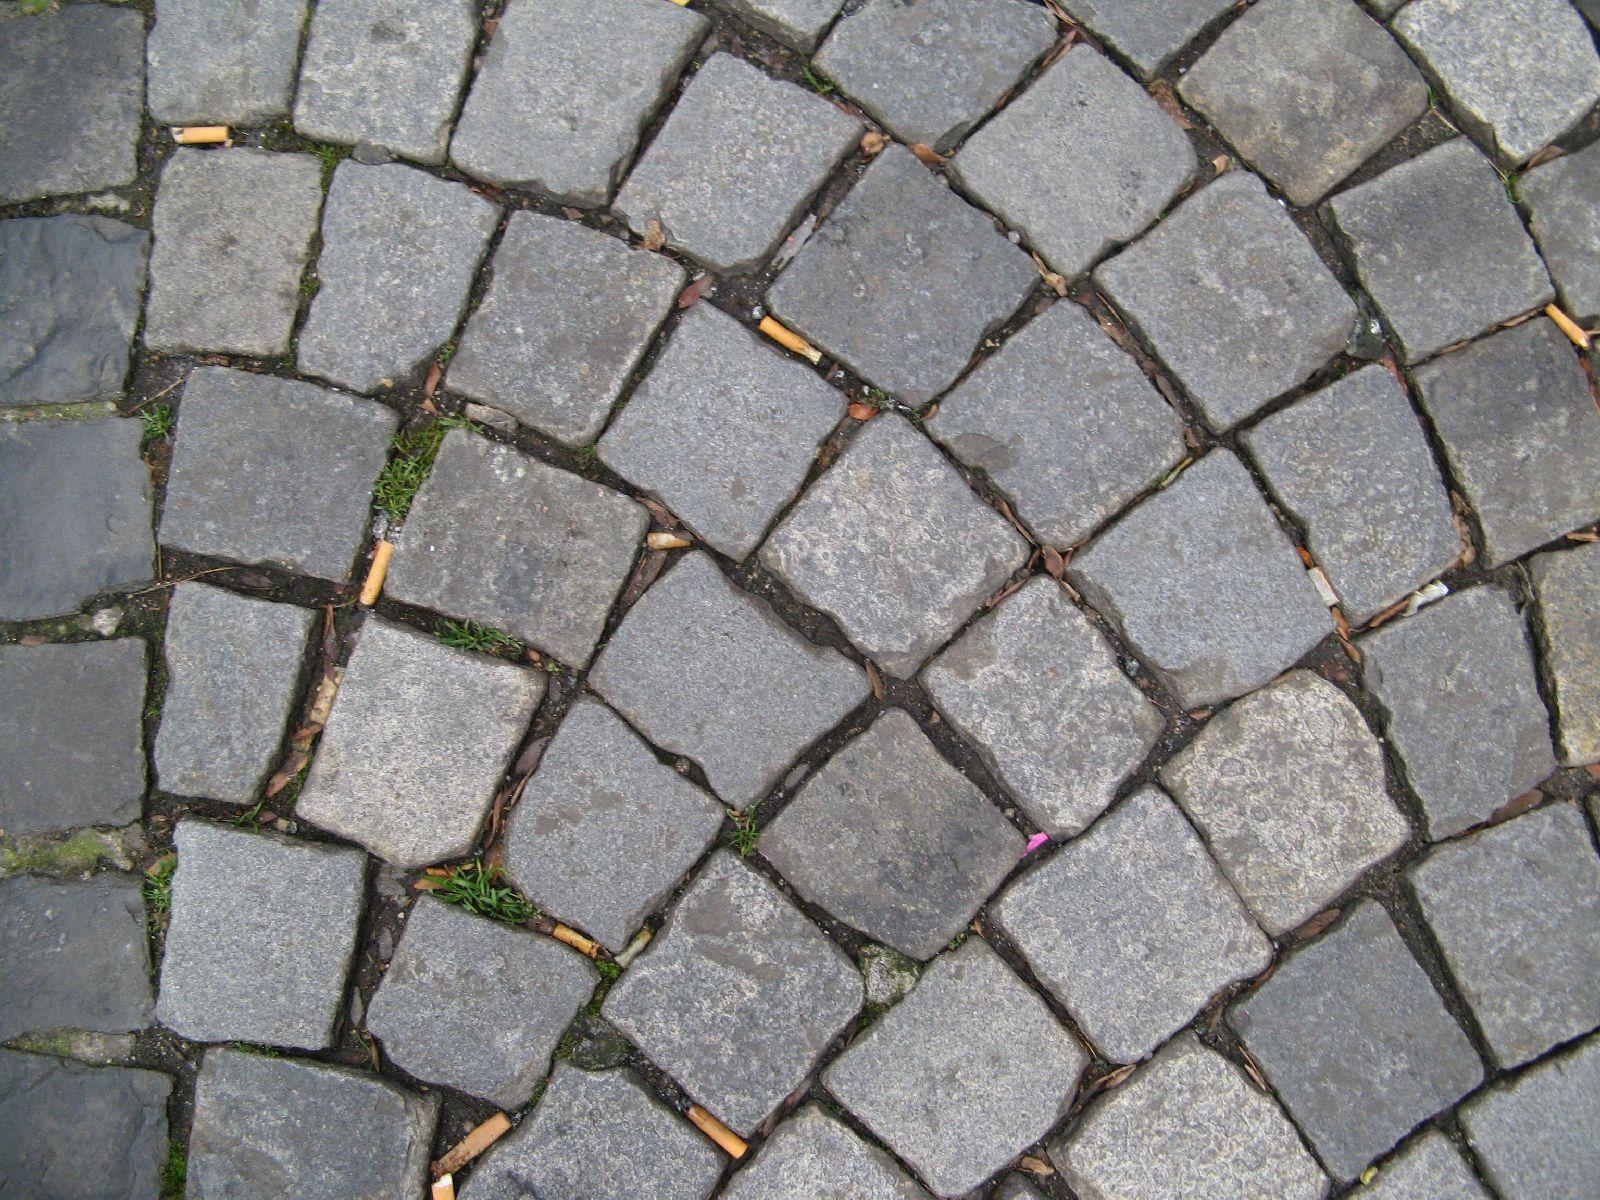 Boden-Gehweg-Strasse-Buergersteig-Textur_B_0944